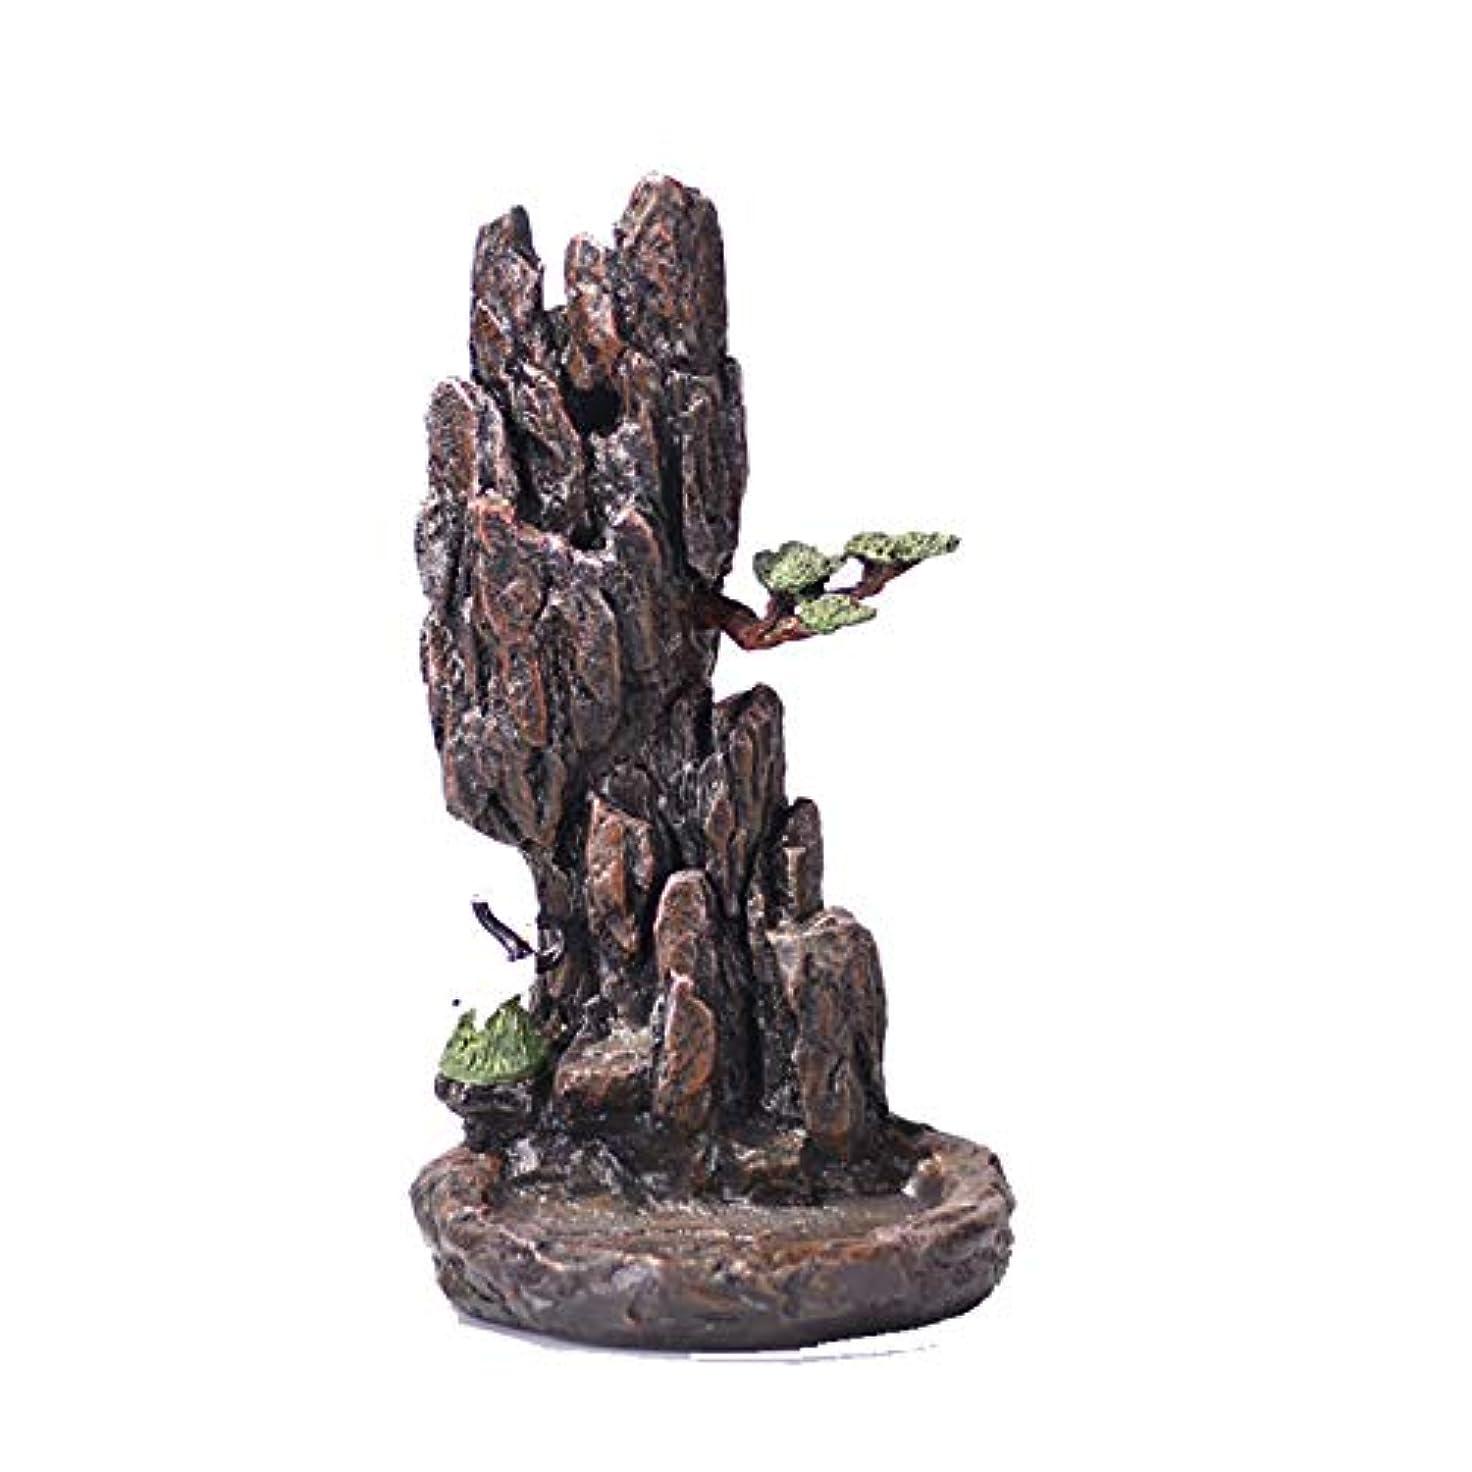 外国人ビーズ麻痺させるXPPXPP Backflow Incense Burner, Household Ceramic Returning Cone-shaped Candlestick Burner